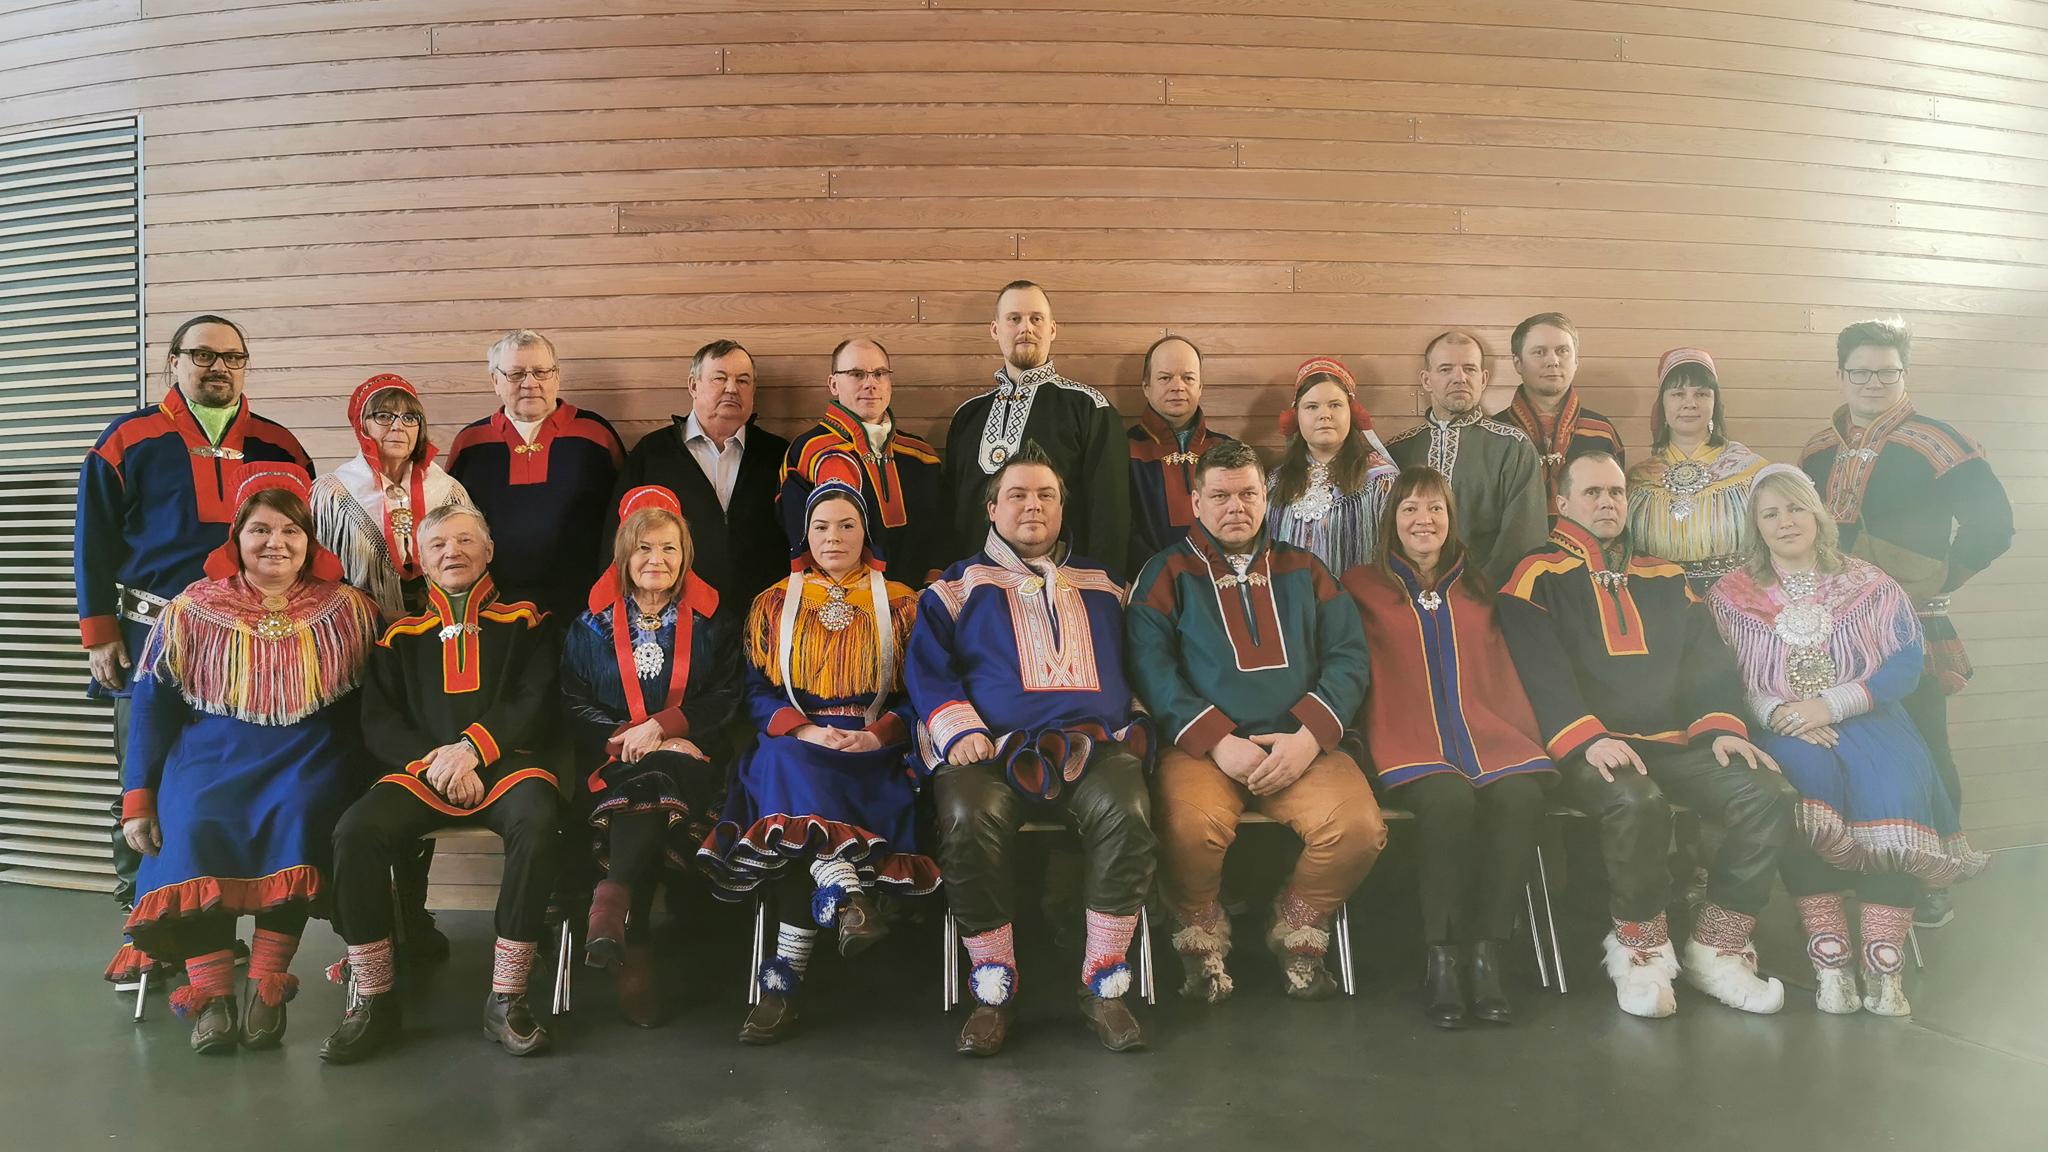 Suoma Sámedikki áirasat válgabadjái 2020–2023 Govva:Johanna Alatorvinen / Sámediggi